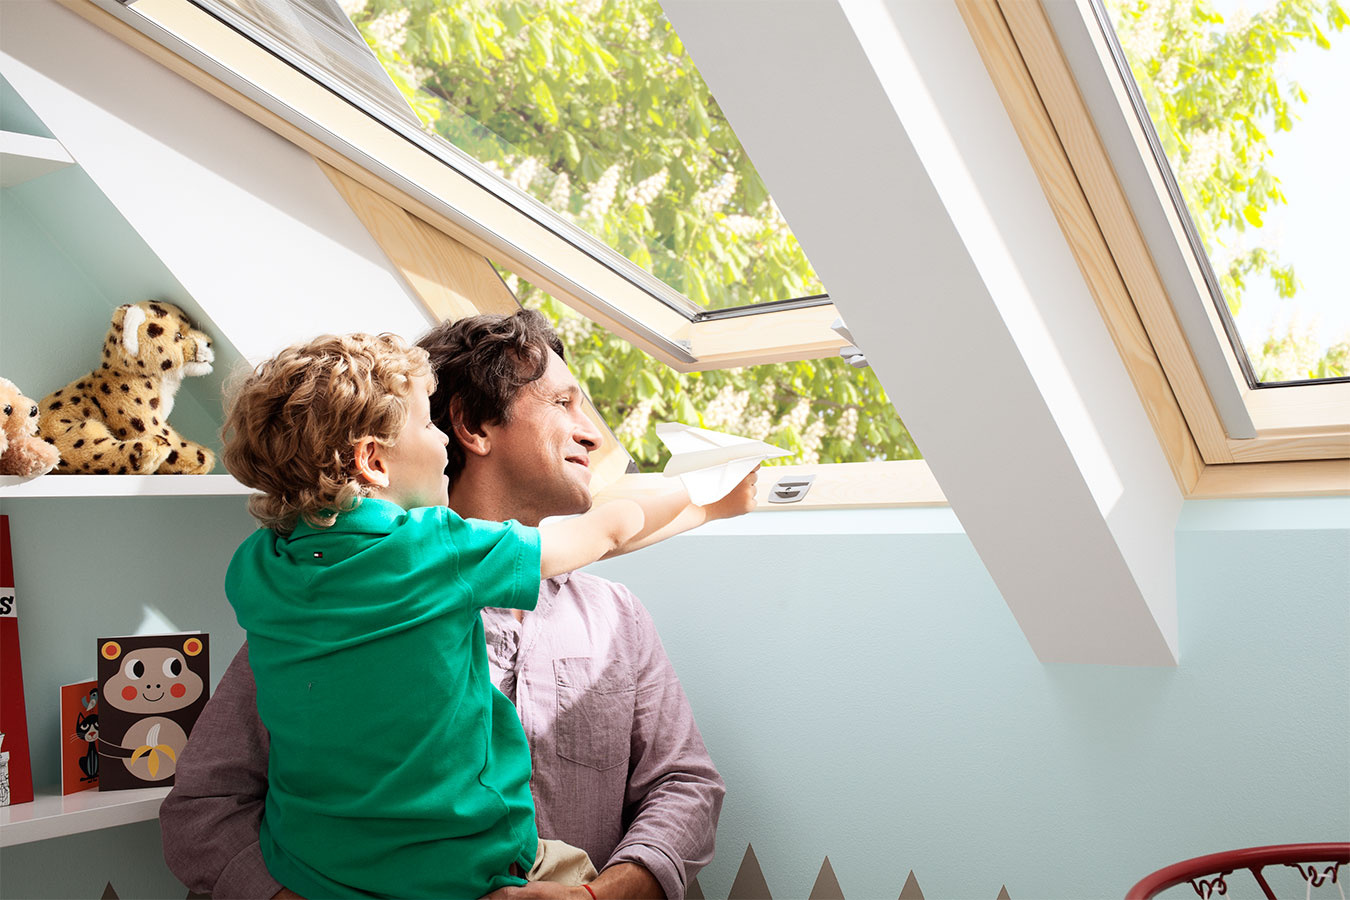 Strešné okná VELUX typu GLL, GLL B a GLU z produktovej triedy Štandard Plus pomôžu domácnosti ušetriť až 24 eur z ceny okna.